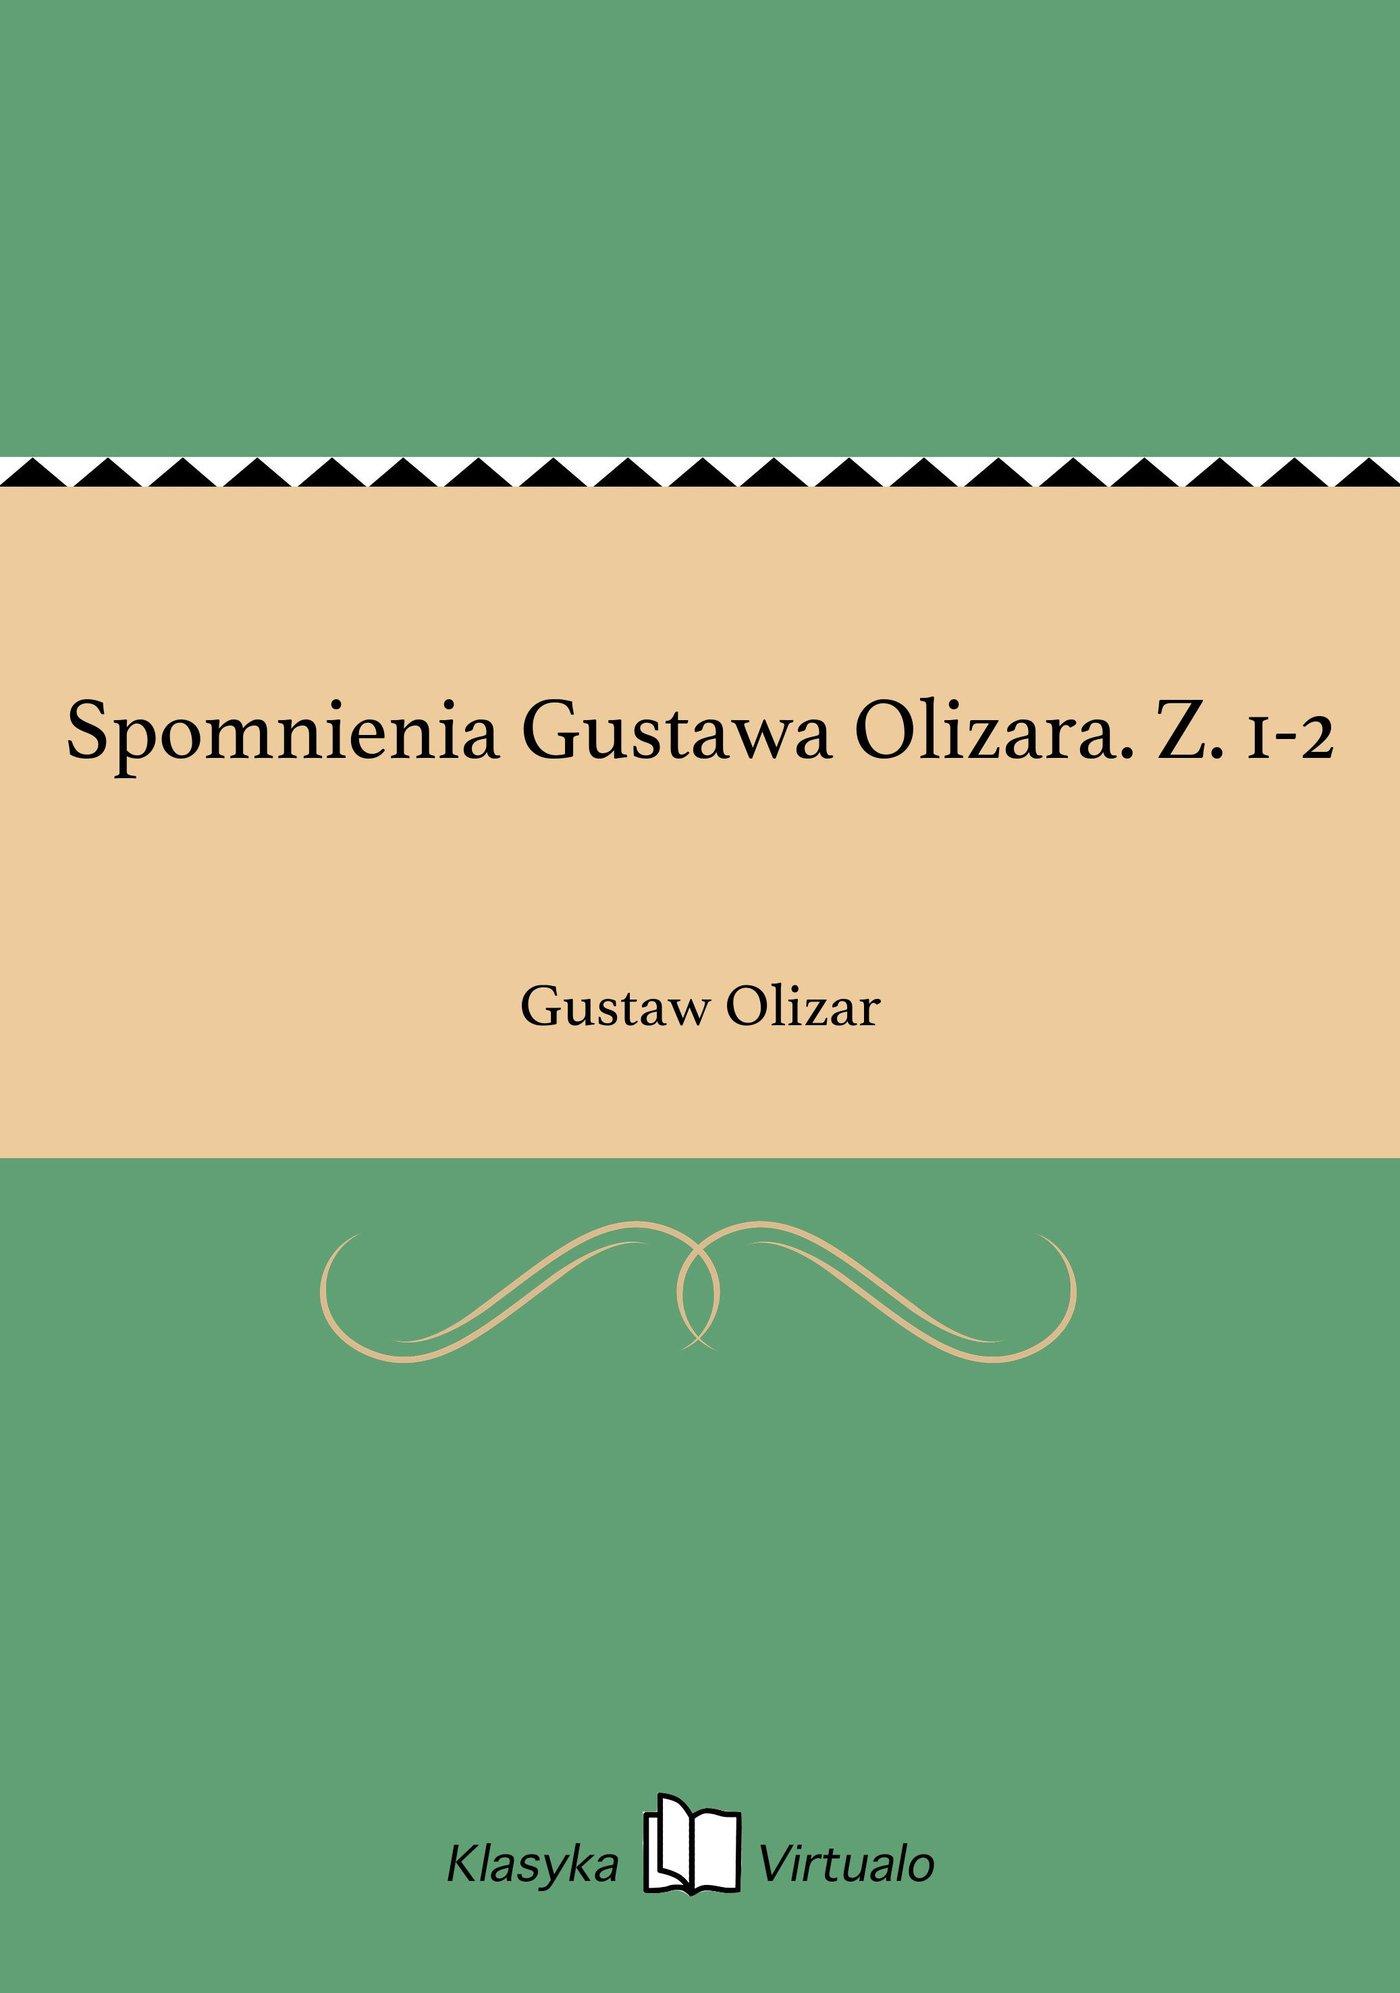 Spomnienia Gustawa Olizara. Z. 1-2 - Ebook (Książka EPUB) do pobrania w formacie EPUB